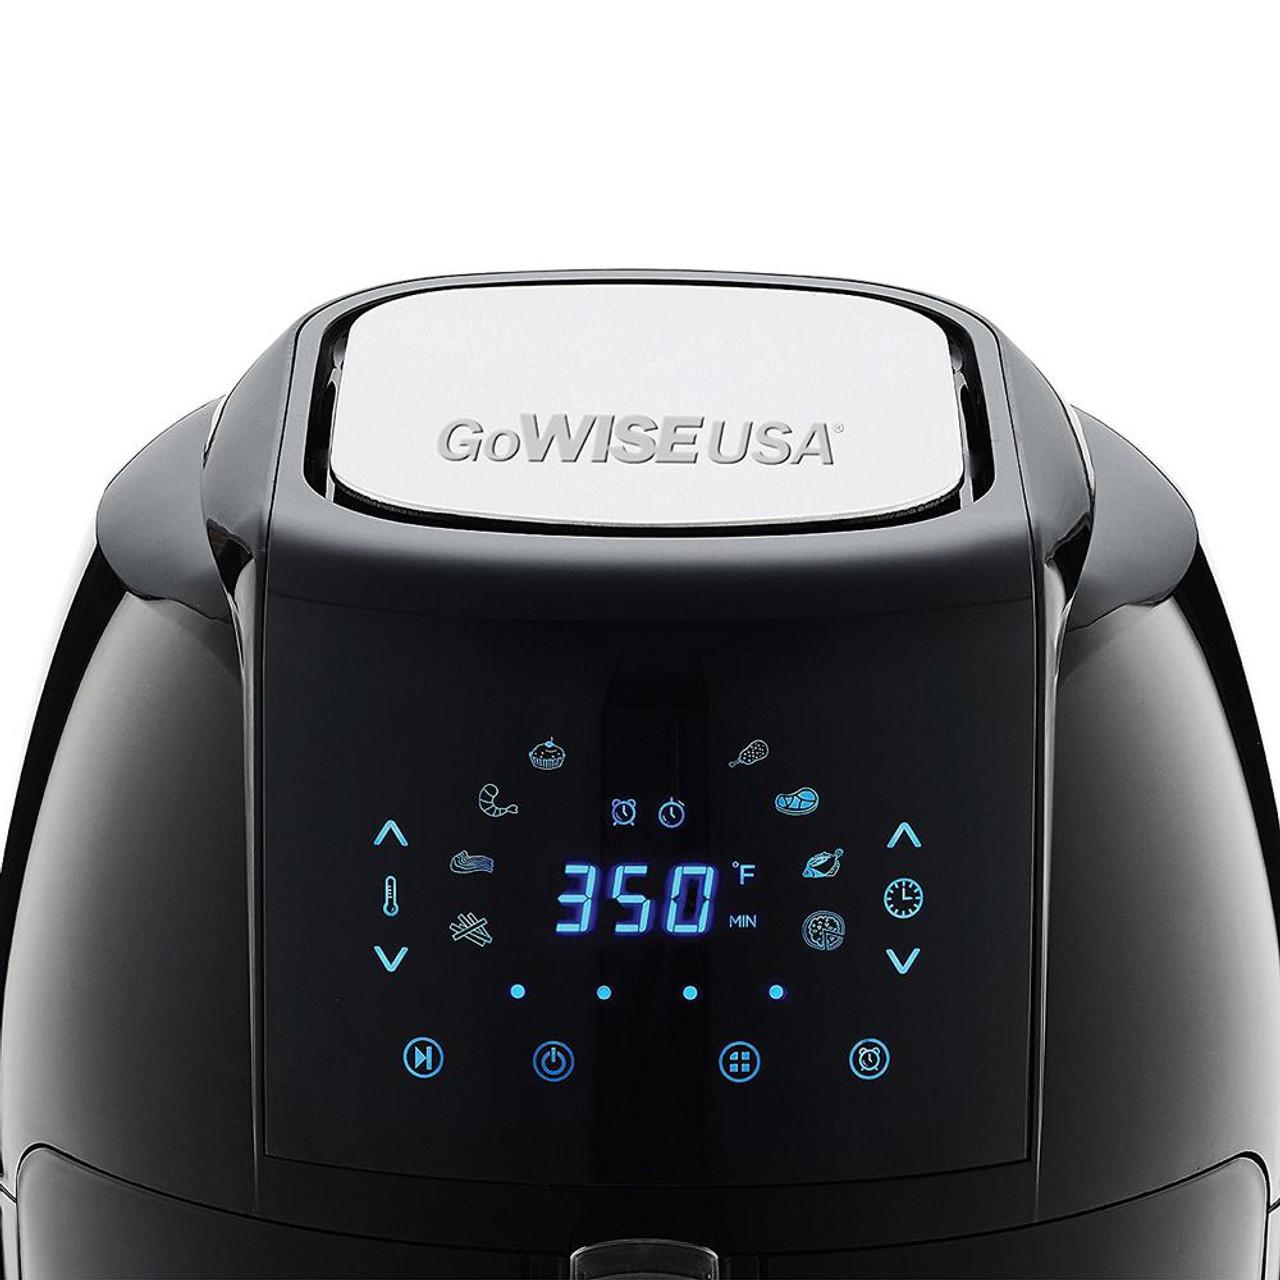 GoWISE GW22731 5.8-Quart Electric Air Fryer - Black